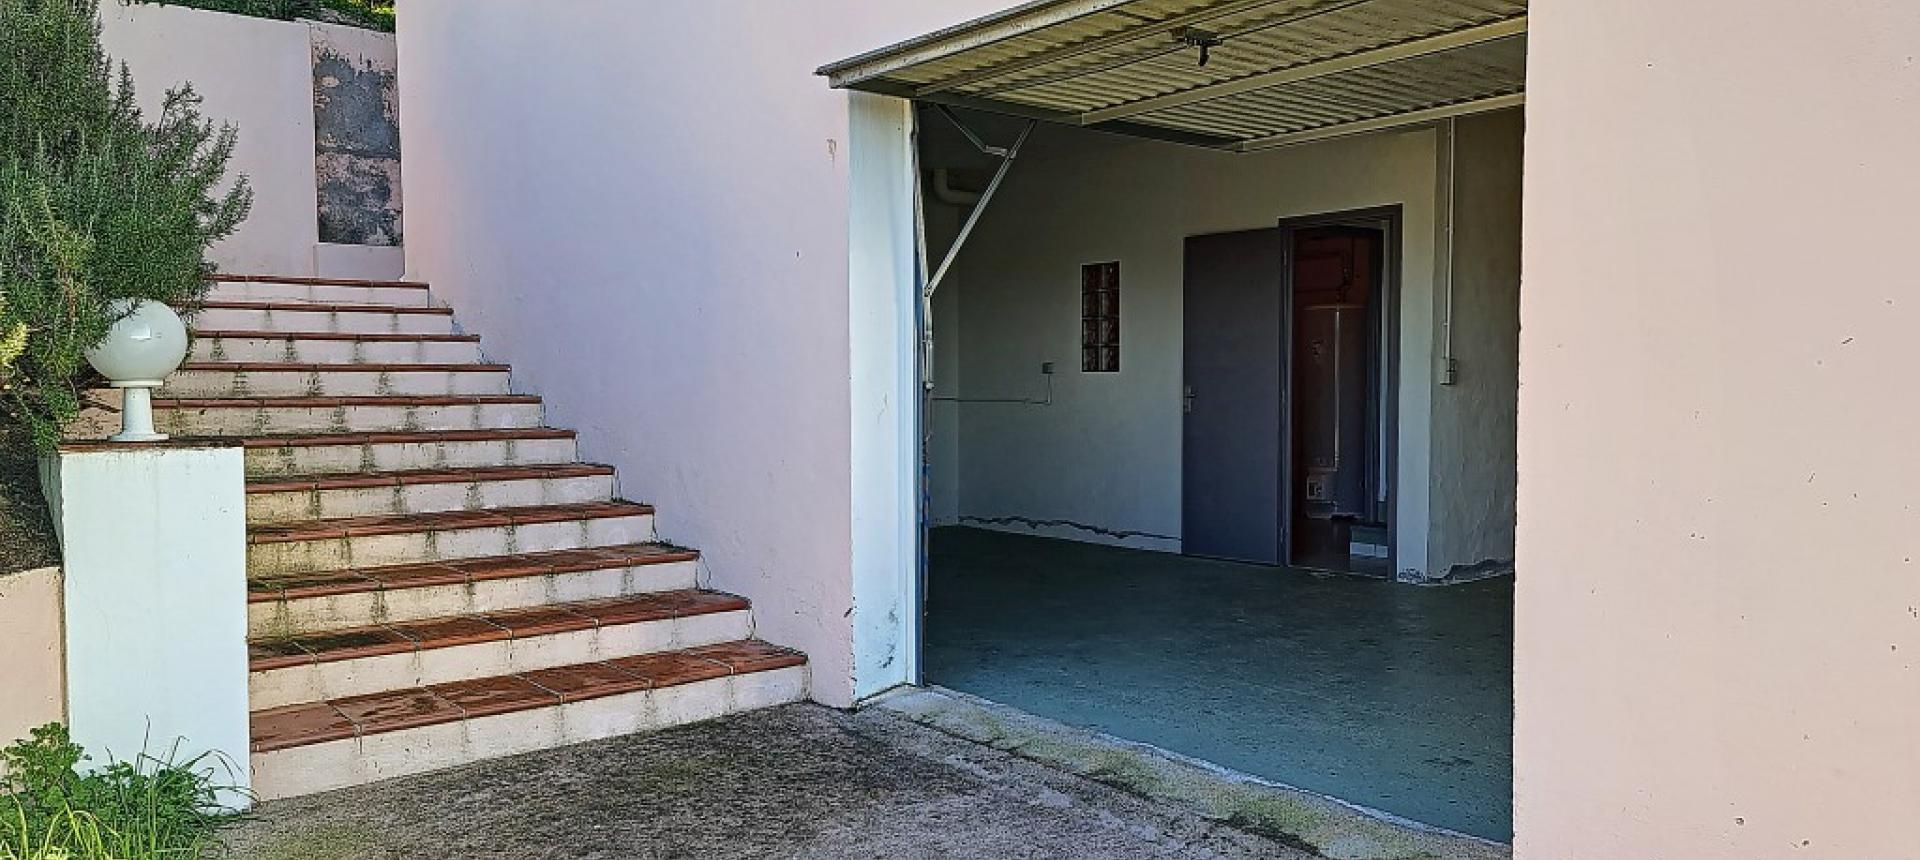 Villa F4 à louer avec jardin et terrasse à Bastelicaccia escalier extérieur